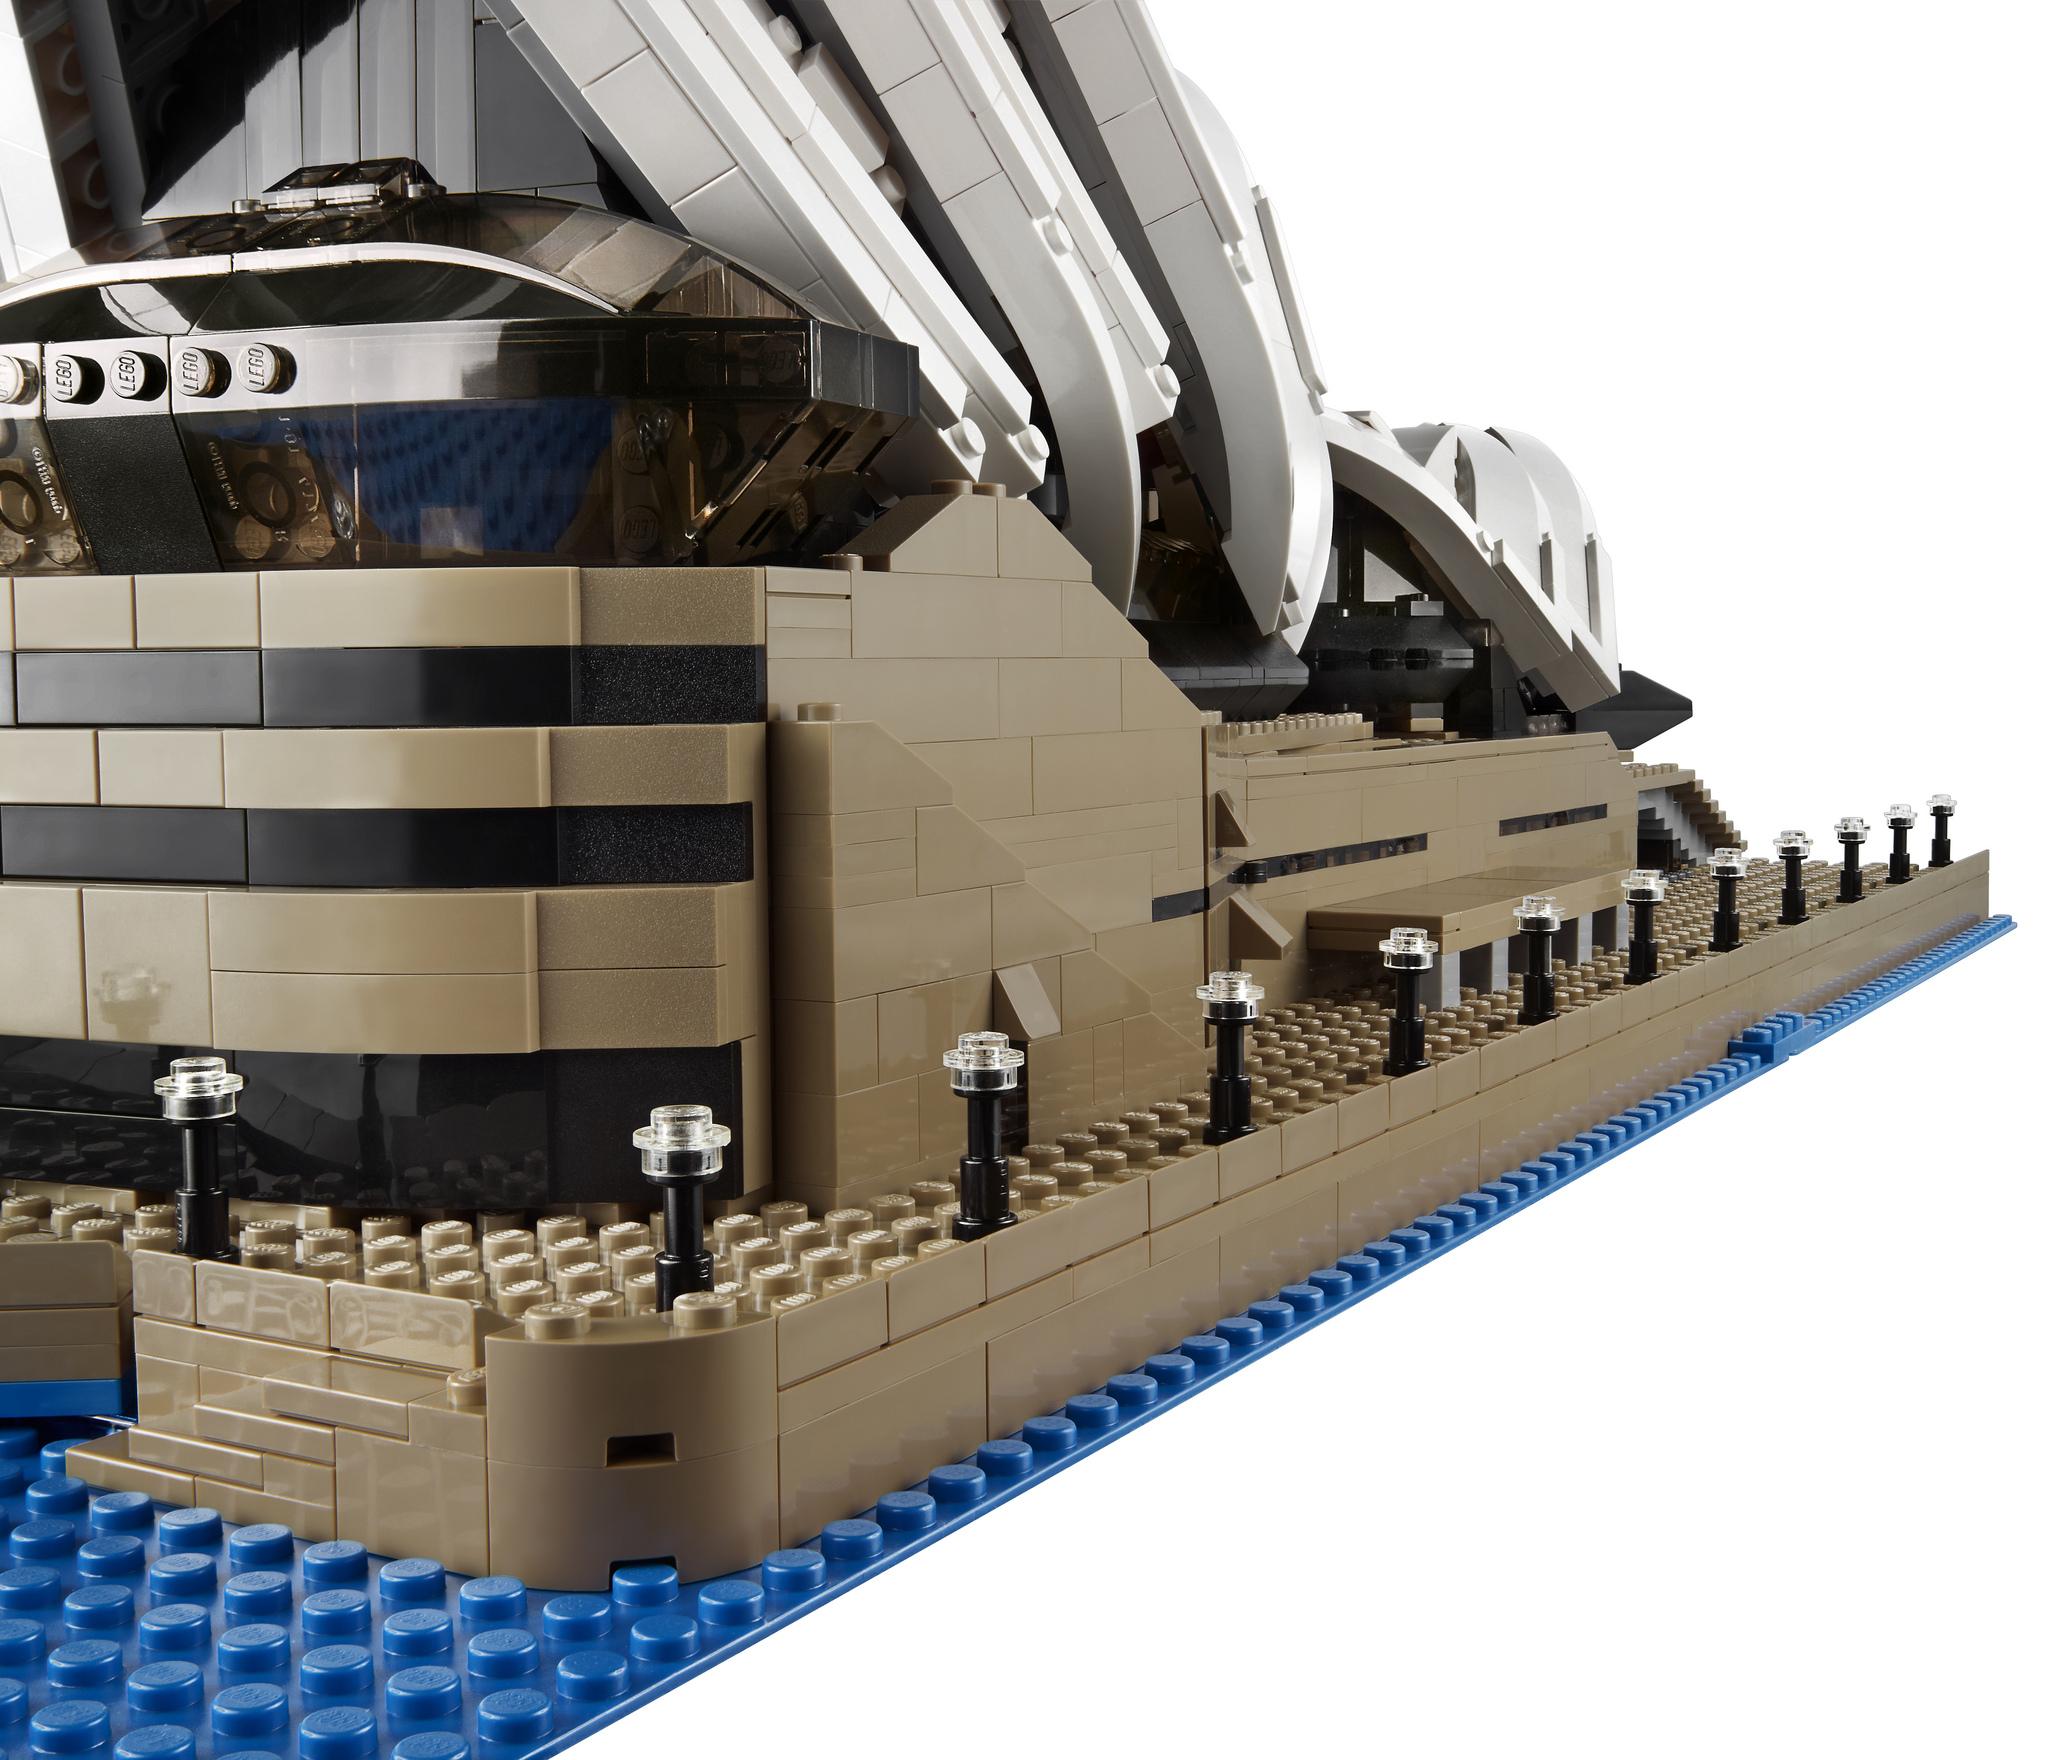 LEgo 10234 Sydney Opera House (2)